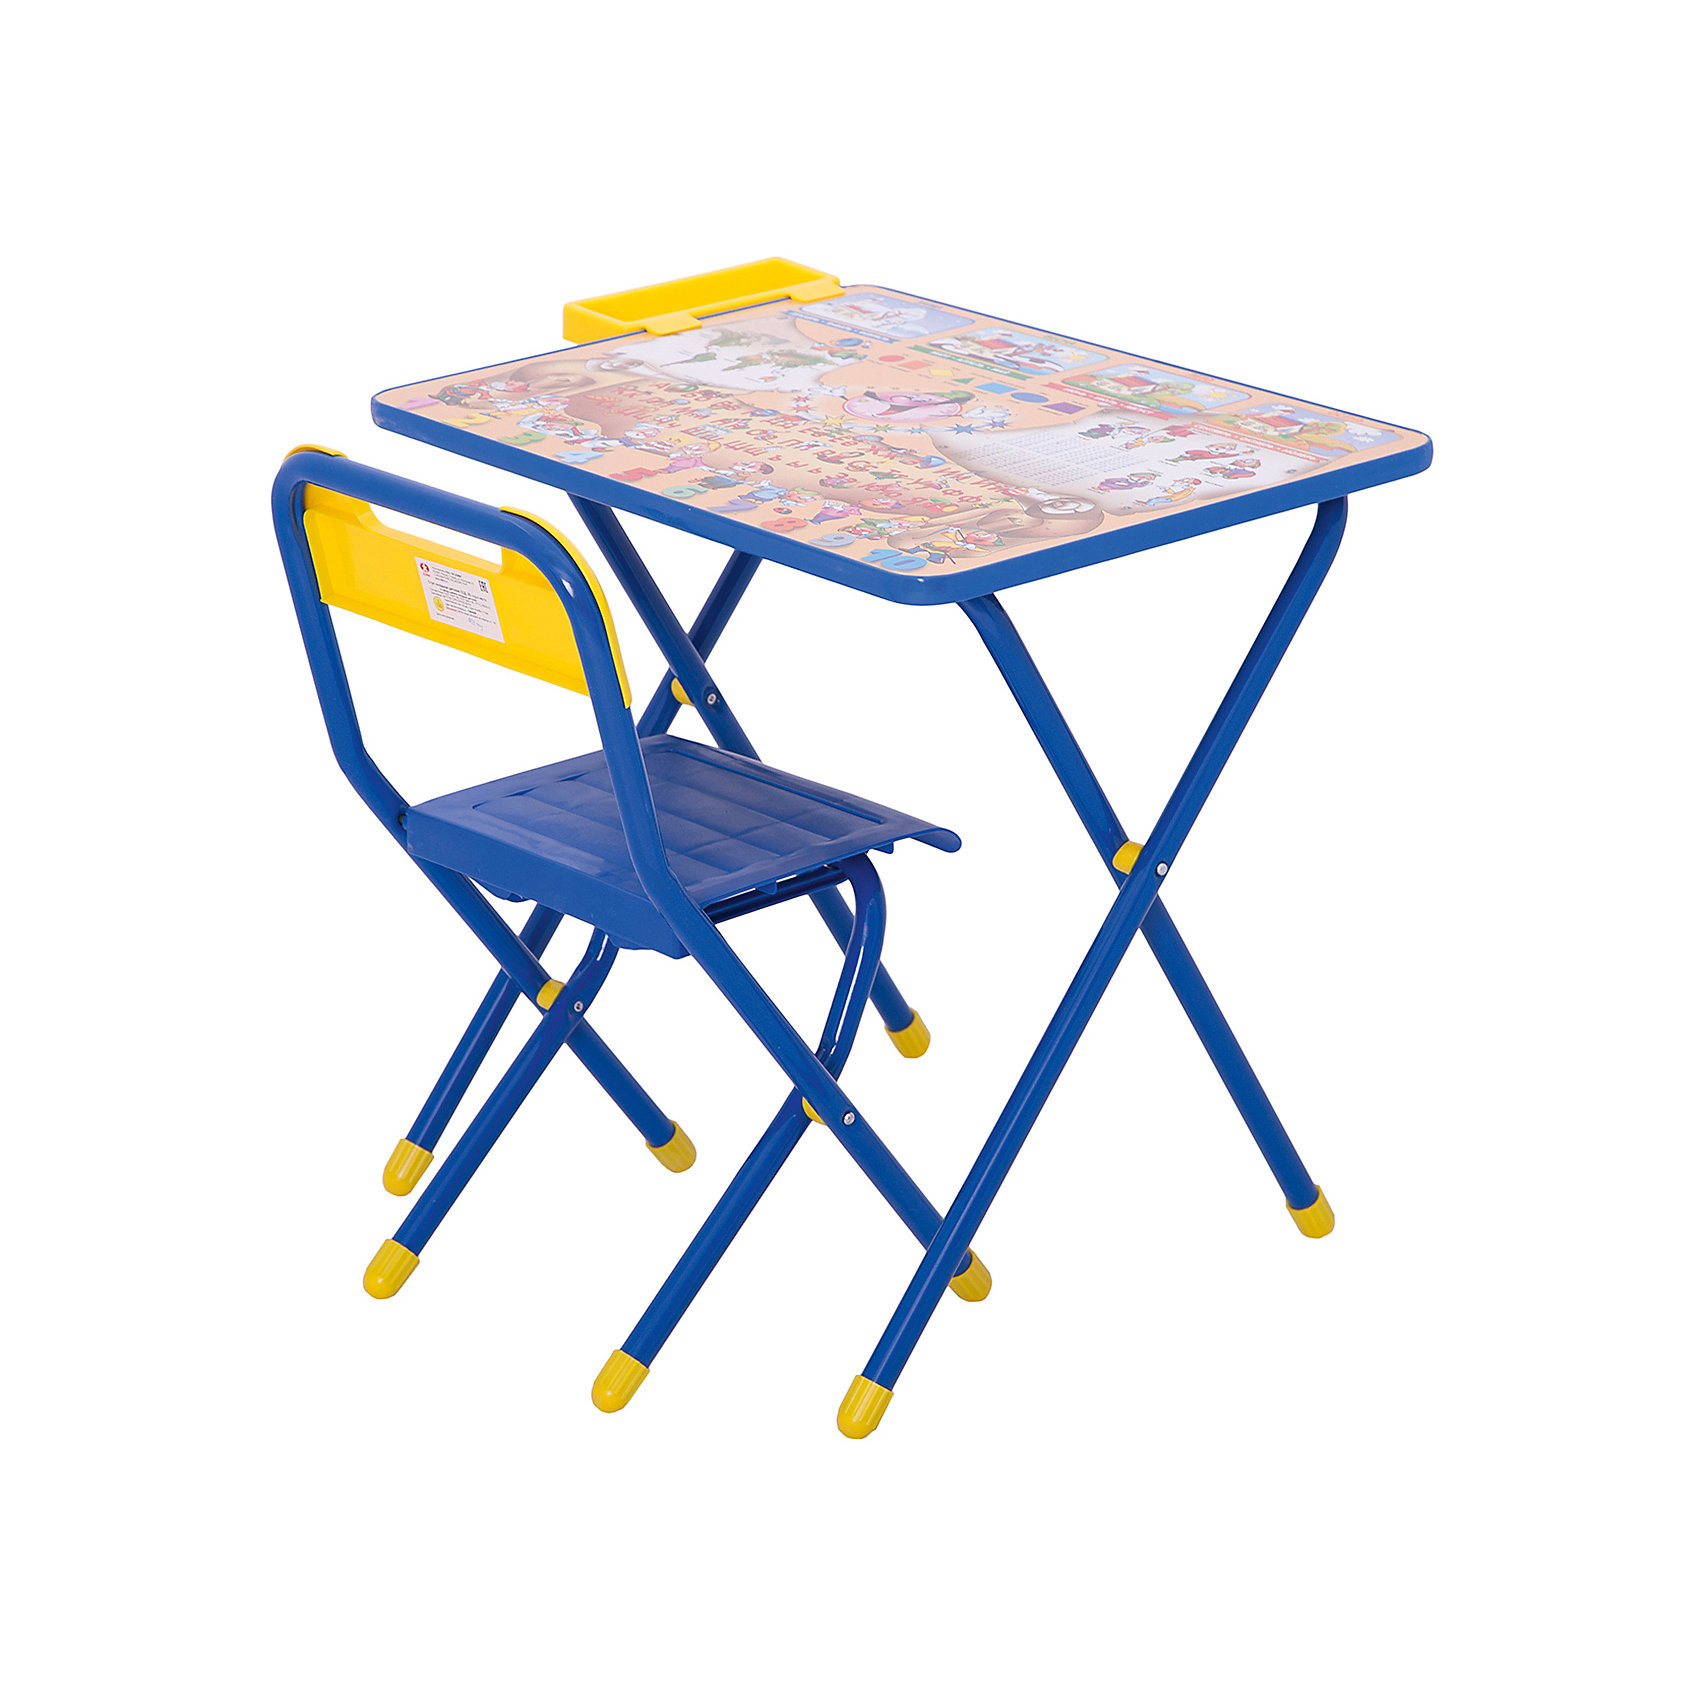 Набор детской складной мебели Веселые гномы, синийКаждый ребенок нуждается в удобной, специальной мебели, чтобы его организм мог развиваться правильно. Такая мебель может быть еще и яркой, а также выполнять обучающую функцию.<br>Набор детской складной мебели Веселые гномы - это универсальный комплект необходимых предметов для малыша. Он состоит из стула и стола, выполненных в ярких цветах. Столешница позволяет разместить на ней все необходимые предметы: можно есть, играть или учиться! На ней расположены обучающие рисунки, также прикреплен специальный пенал для канцелярии. Разработан в соответствии с рекомендациями врачей-ортопедов. Сделан из безопасных для ребенка материалов.<br><br><br>Дополнительная информация:<br><br>цвет: синий;<br>материал: металл, пластик;<br>просторная столешница;<br>оригинальный яркий дизайн;<br>обучающие изображения на столешнице;<br>легко моется;<br>соответствует рекомендациям ортопедов;<br>боковой пенал для канцелярии;<br>для детей ростом от 130 до 145 см;<br>размер столешницы: 45 х 60 см;<br>высота столешницы: 58 см;<br>высота стула: 34 см;<br>сиденье: 26х28 см;<br>спинка: 12х34 см;<br>максимальная нагрузка: 40 кг.<br><br>Набор детской складной мебели Веселые гномы можно купить в нашем магазине.<br><br>Ширина мм: 77<br>Глубина мм: 73<br>Высота мм: 15<br>Вес г: 8500<br>Возраст от месяцев: 48<br>Возраст до месяцев: 96<br>Пол: Унисекс<br>Возраст: Детский<br>SKU: 4693951